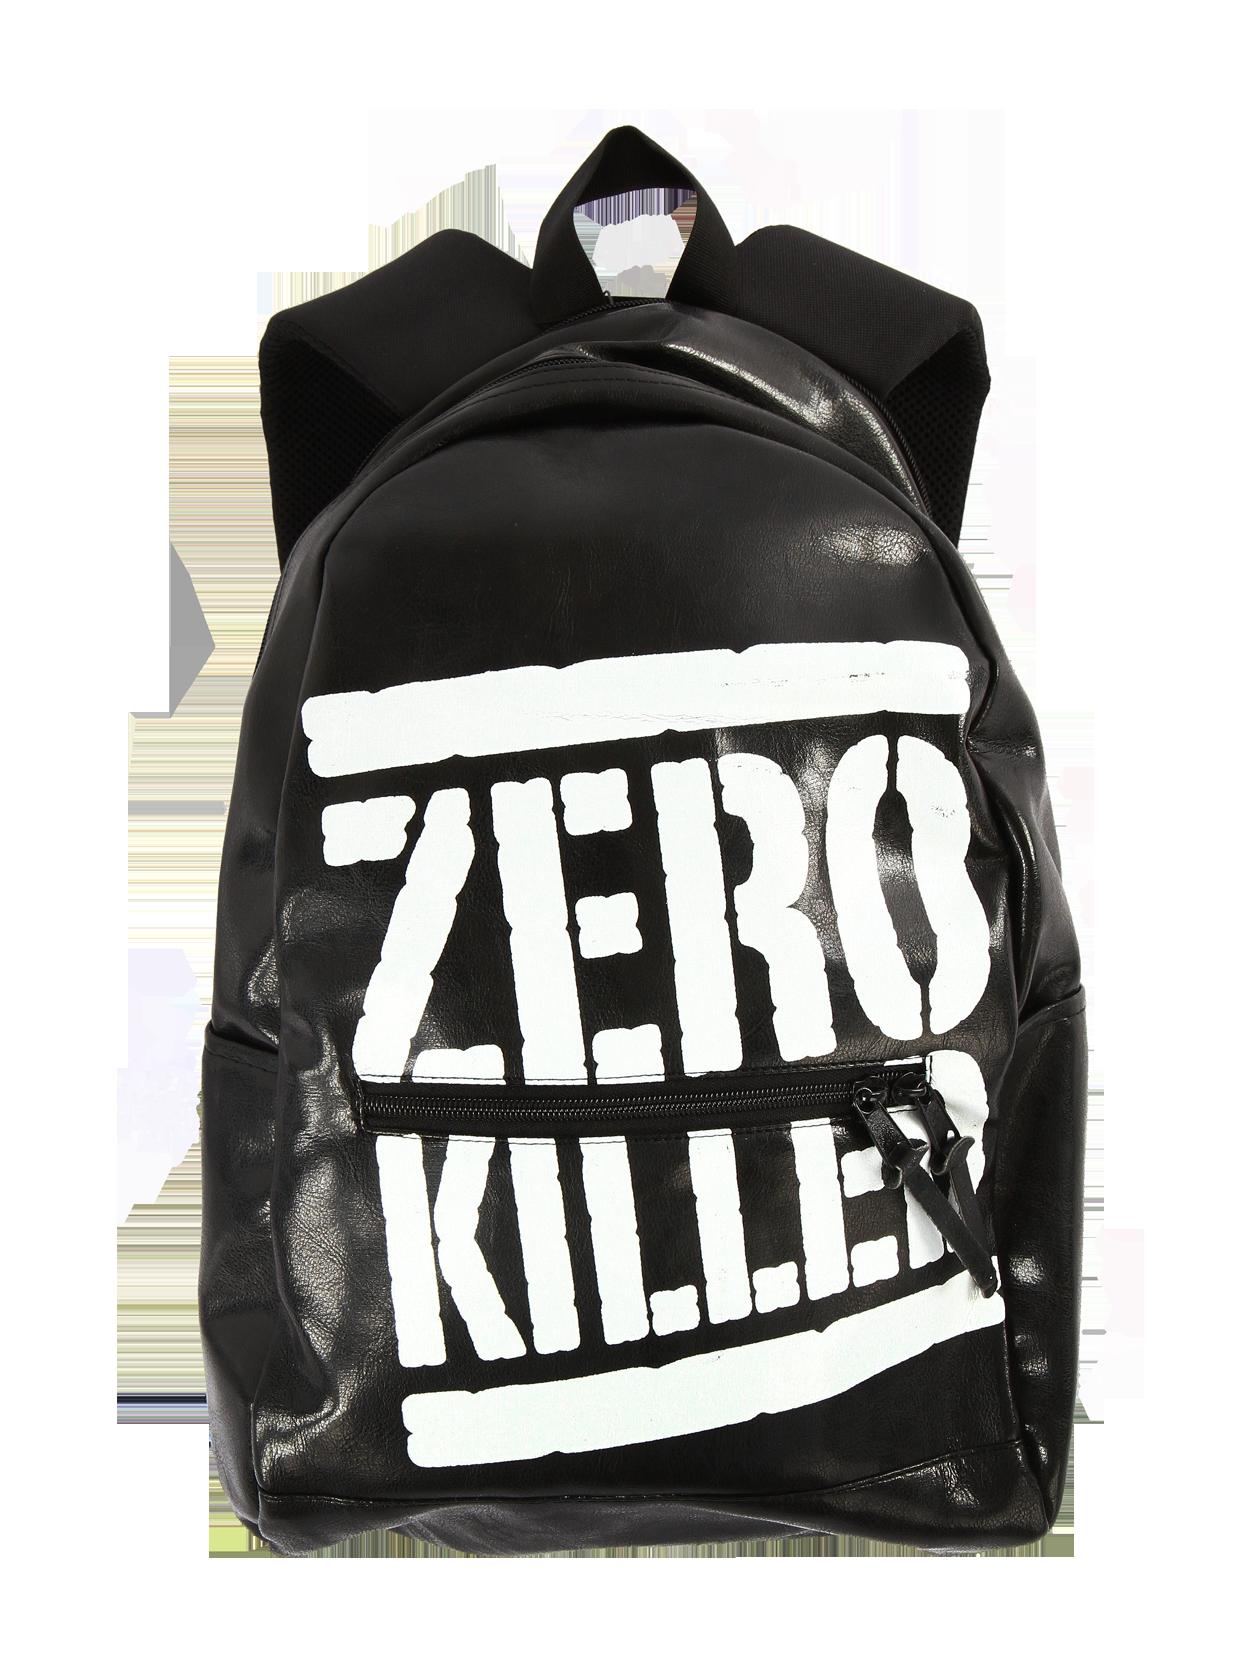 Рюкзак унисекс OK Zero KilledЧерный рюкзак от Black Star Wear, выполненный в стиле унисекс, станет незаменимым атрибутом гардероба активных молодых людей. Модель среднего размера с глубоким отделением на молнии и дополнительным карманом по центру. Аксессуар удобен и практичен в использовании благодаря широким плечевым ремешкам и ручке. Эффектным элементом дизайна является надпись «Zero Killed» - на кожаной поверхности изделия она смотрится, как краска из баллончика.<br><br>Размер: Единый размер<br>Цвет: Черный<br>Пол: Унисекс